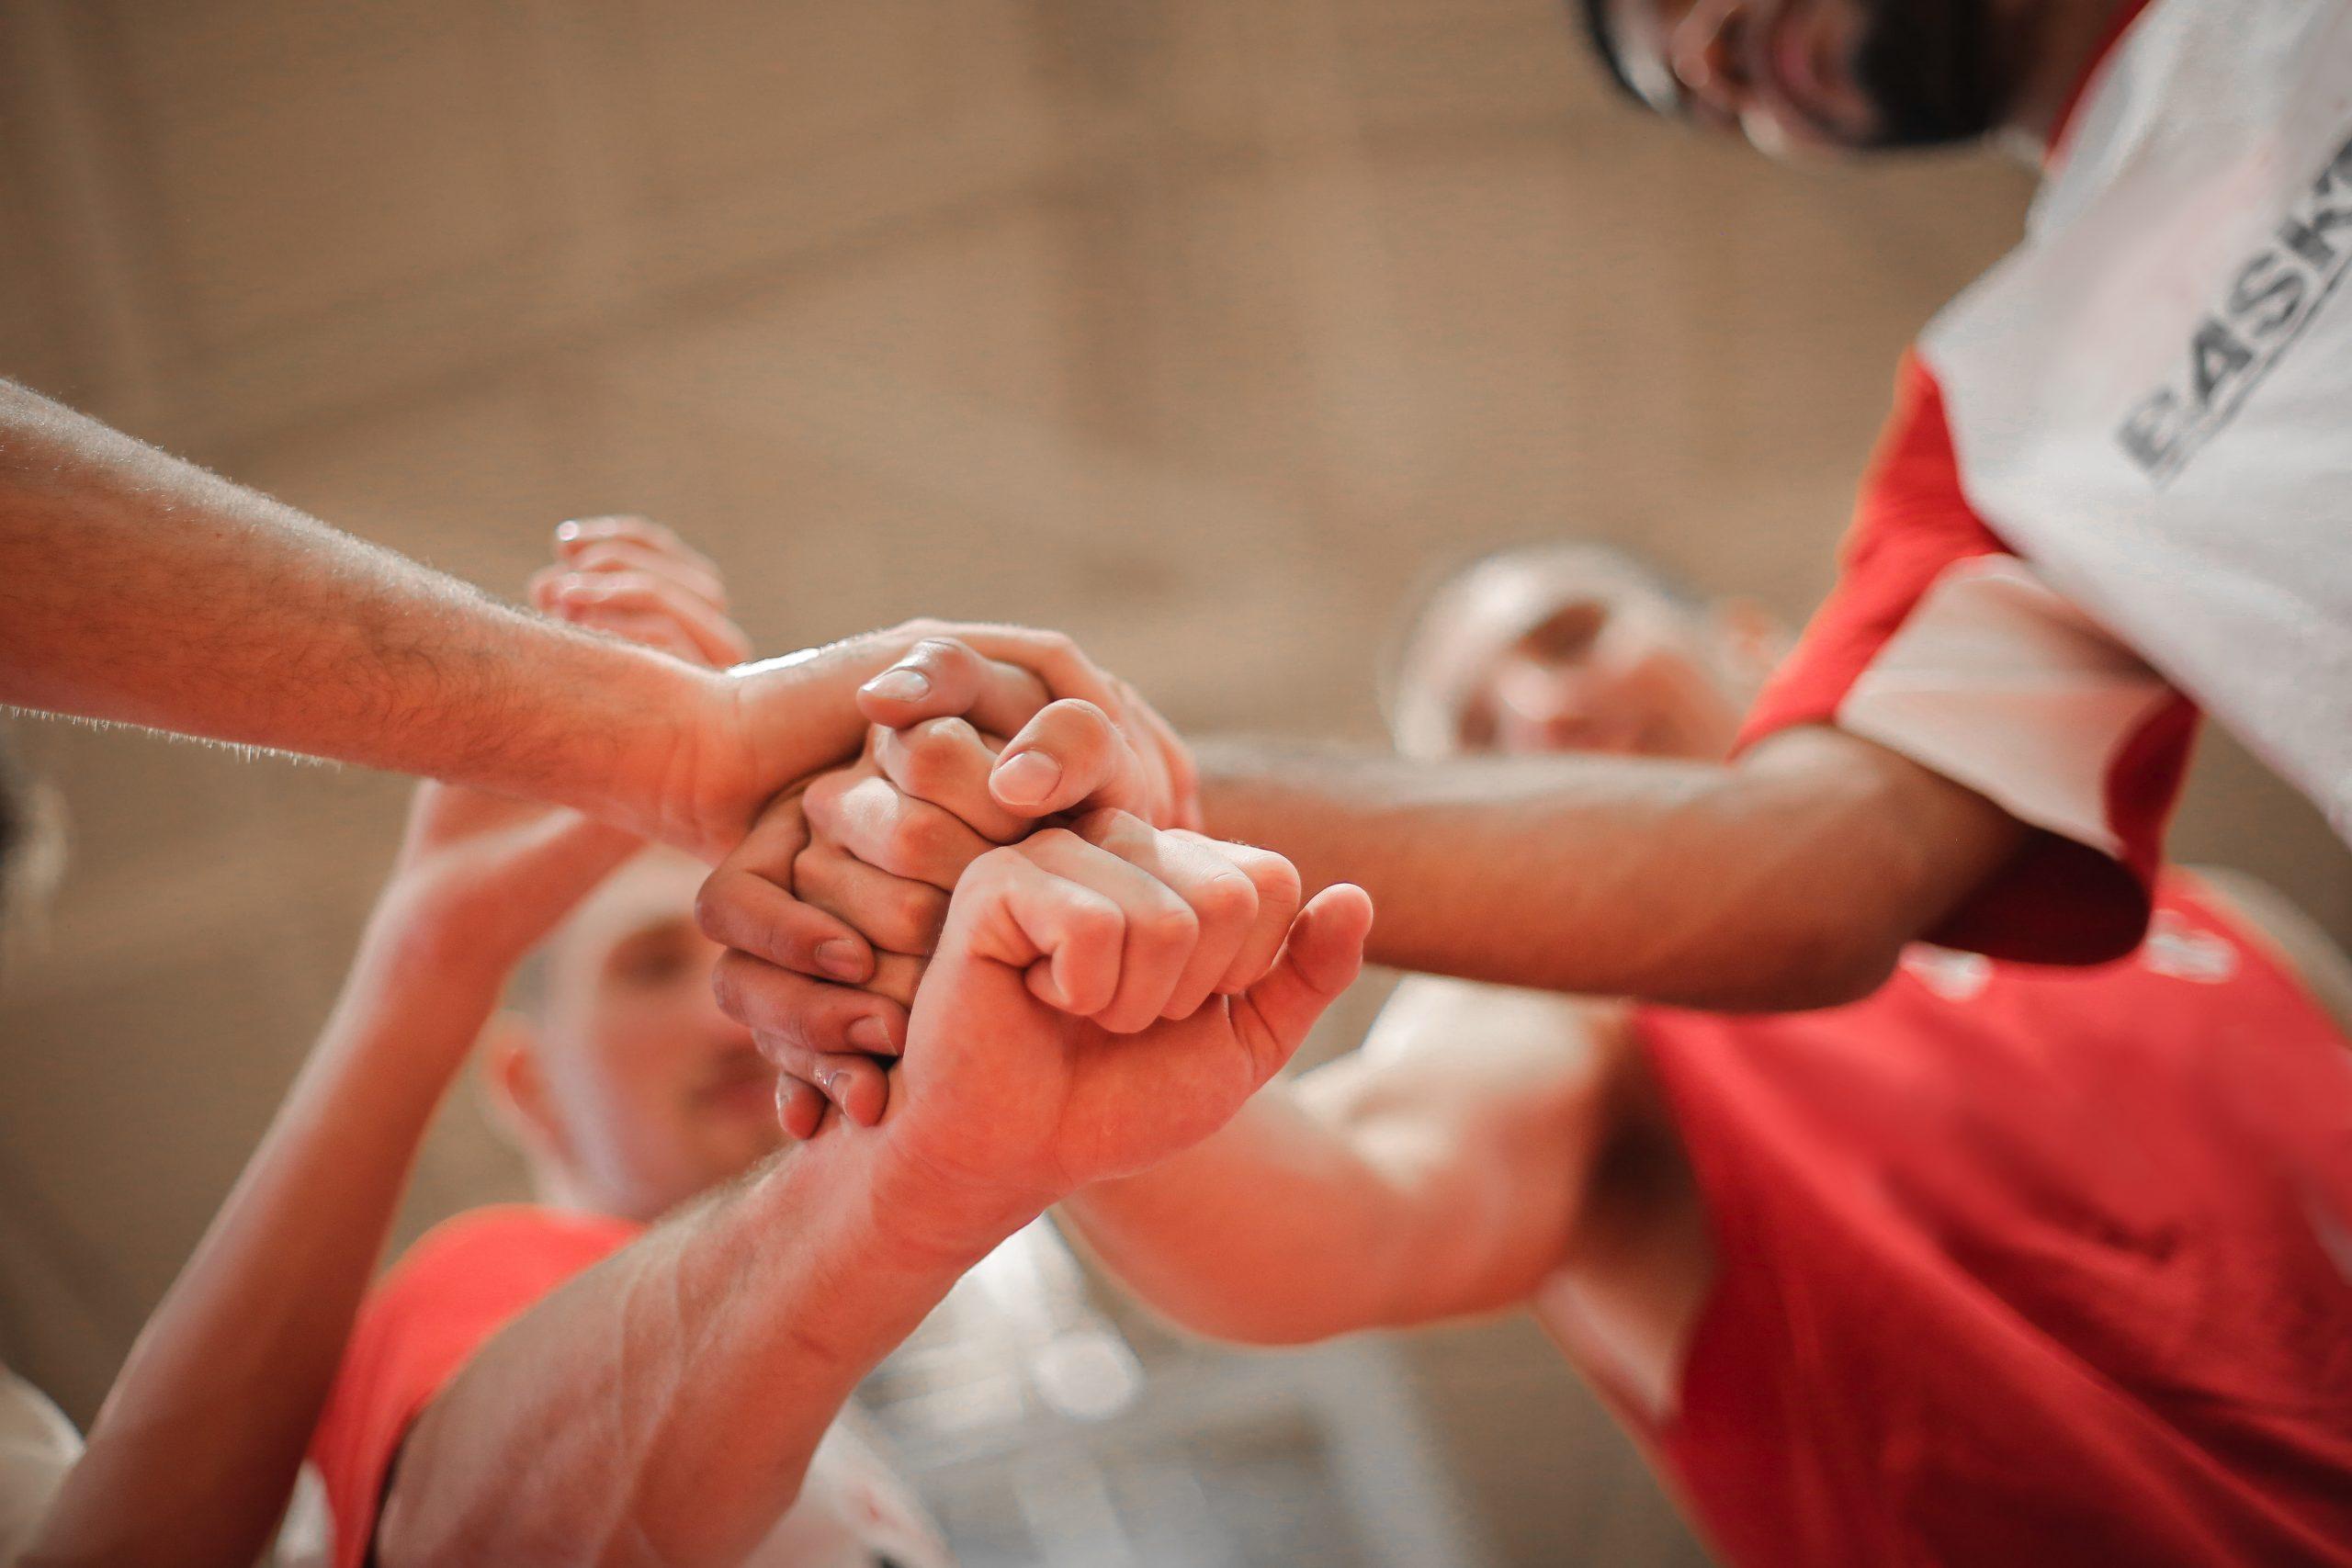 People skills hands together